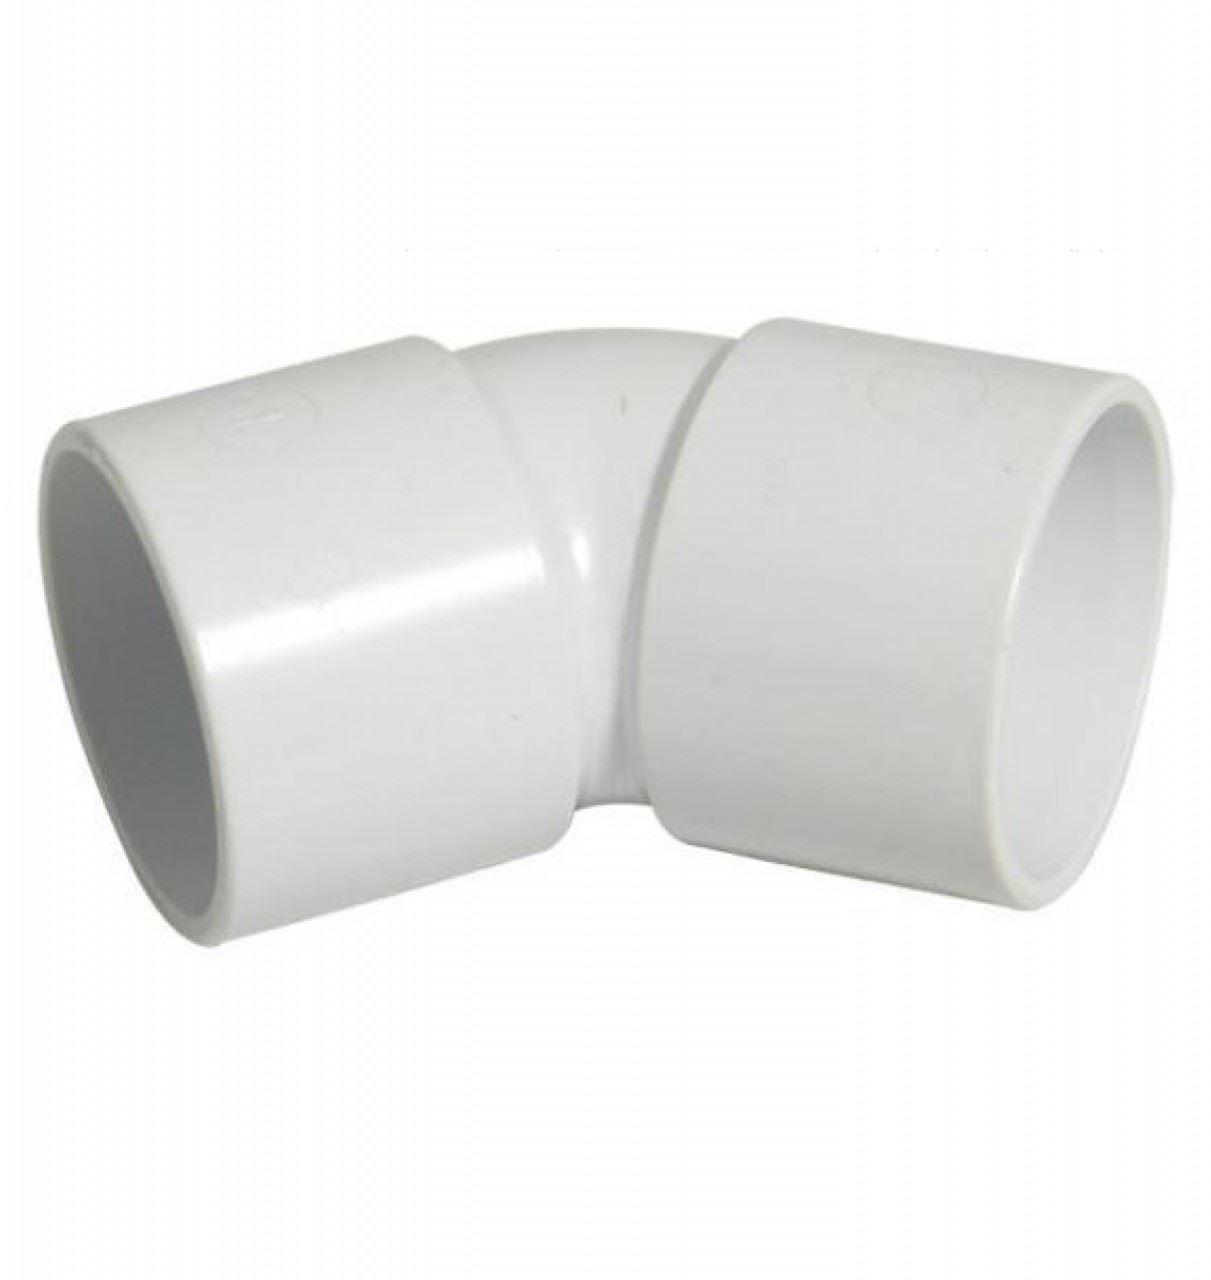 Disolvente Disolvente Disolvente blancoo 50 mm de 135 grados (56 MM) Tubo Residuos doblar-Bolsa de 10 8b63f1